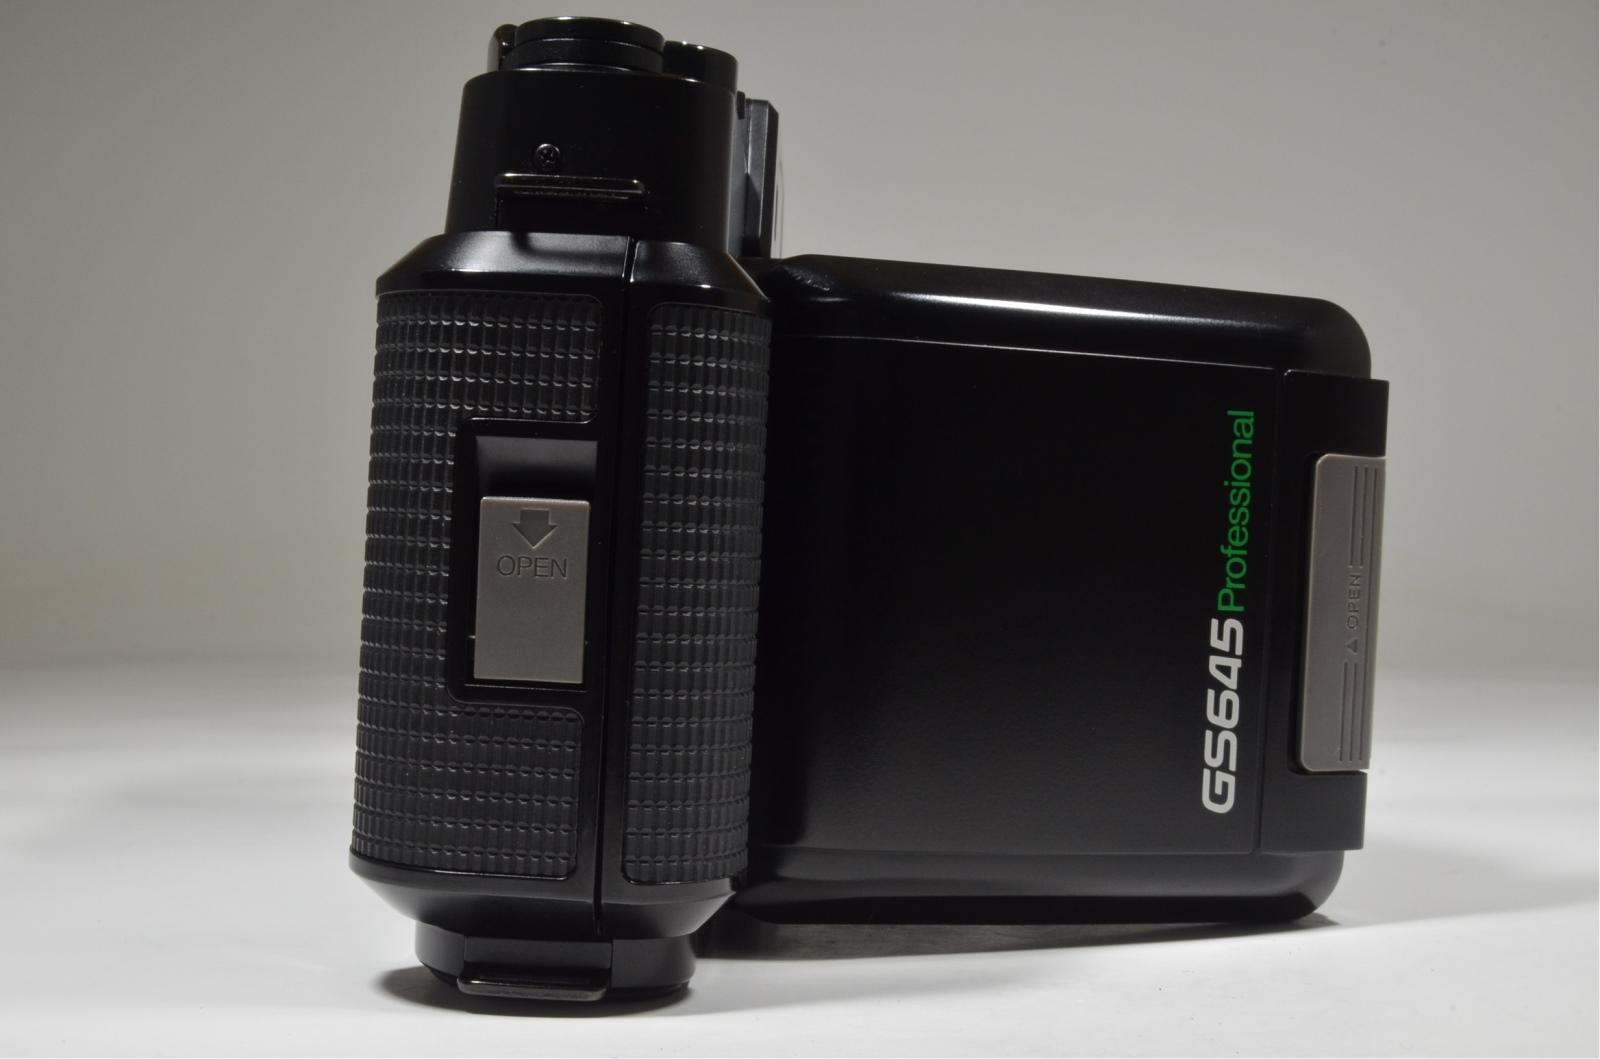 fujifilm fujica gs645 pro fujinon 75mm f3.4 medium format film camera